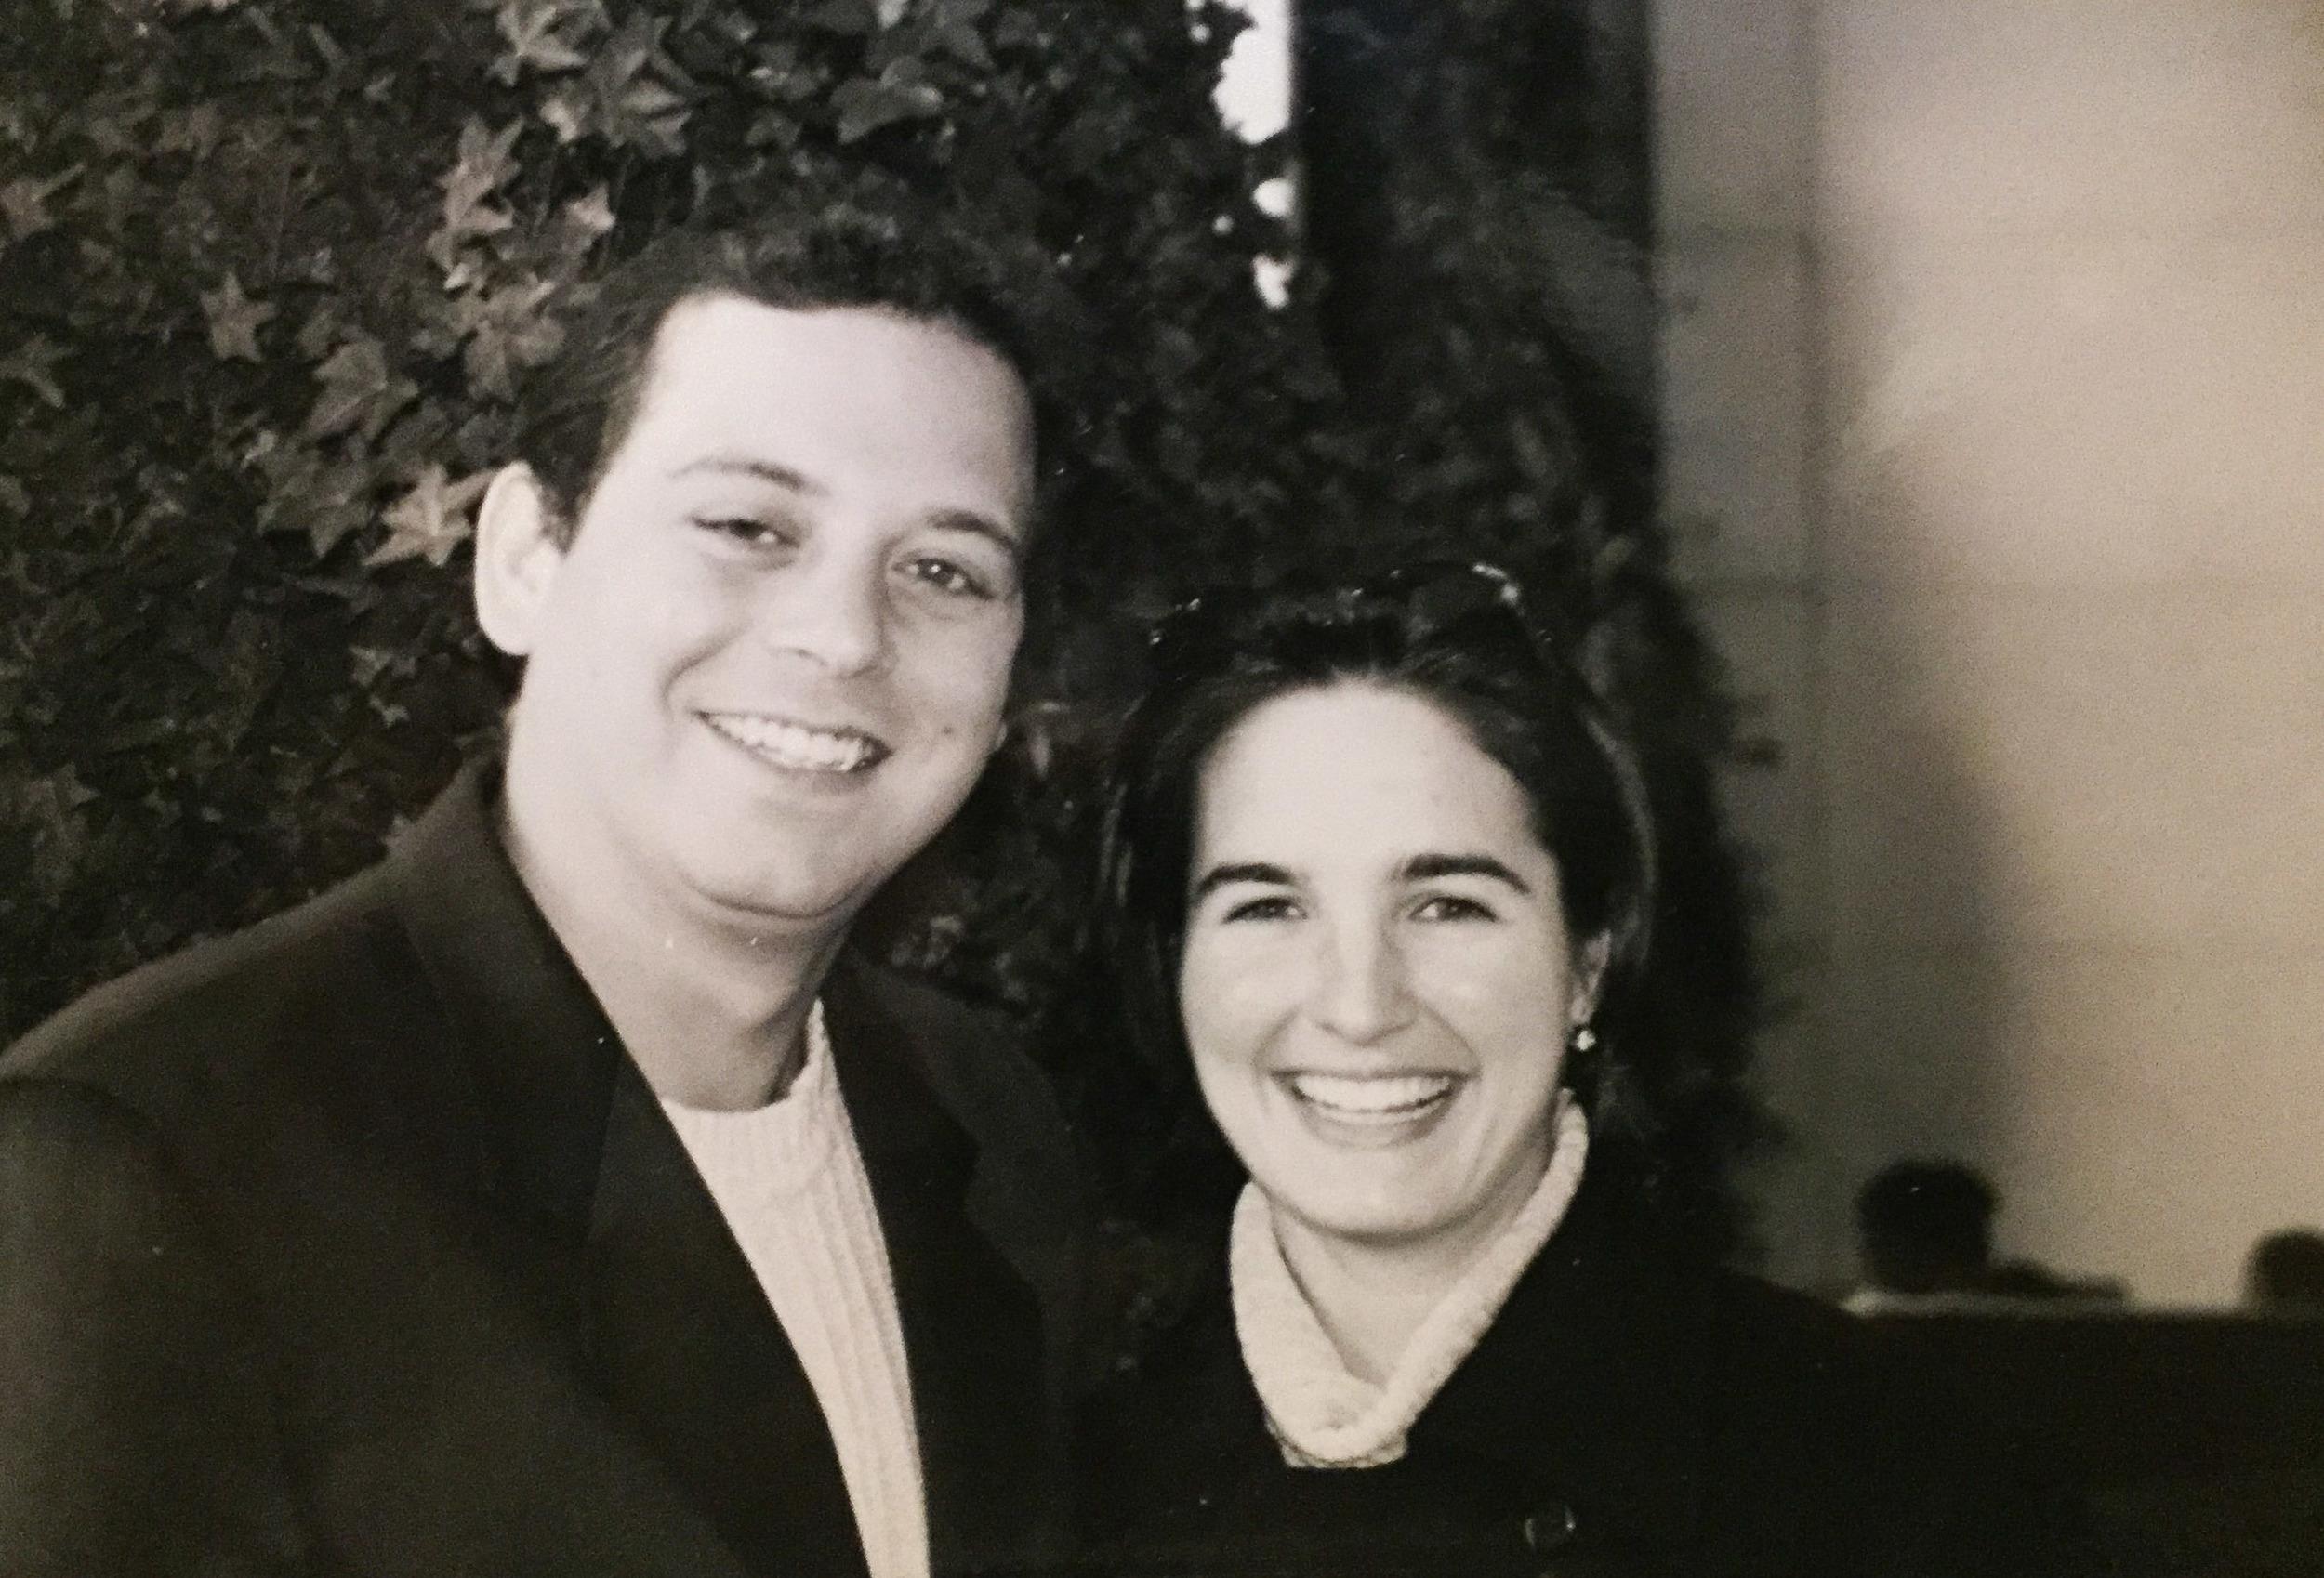 Inez and Stephen met in 2000.